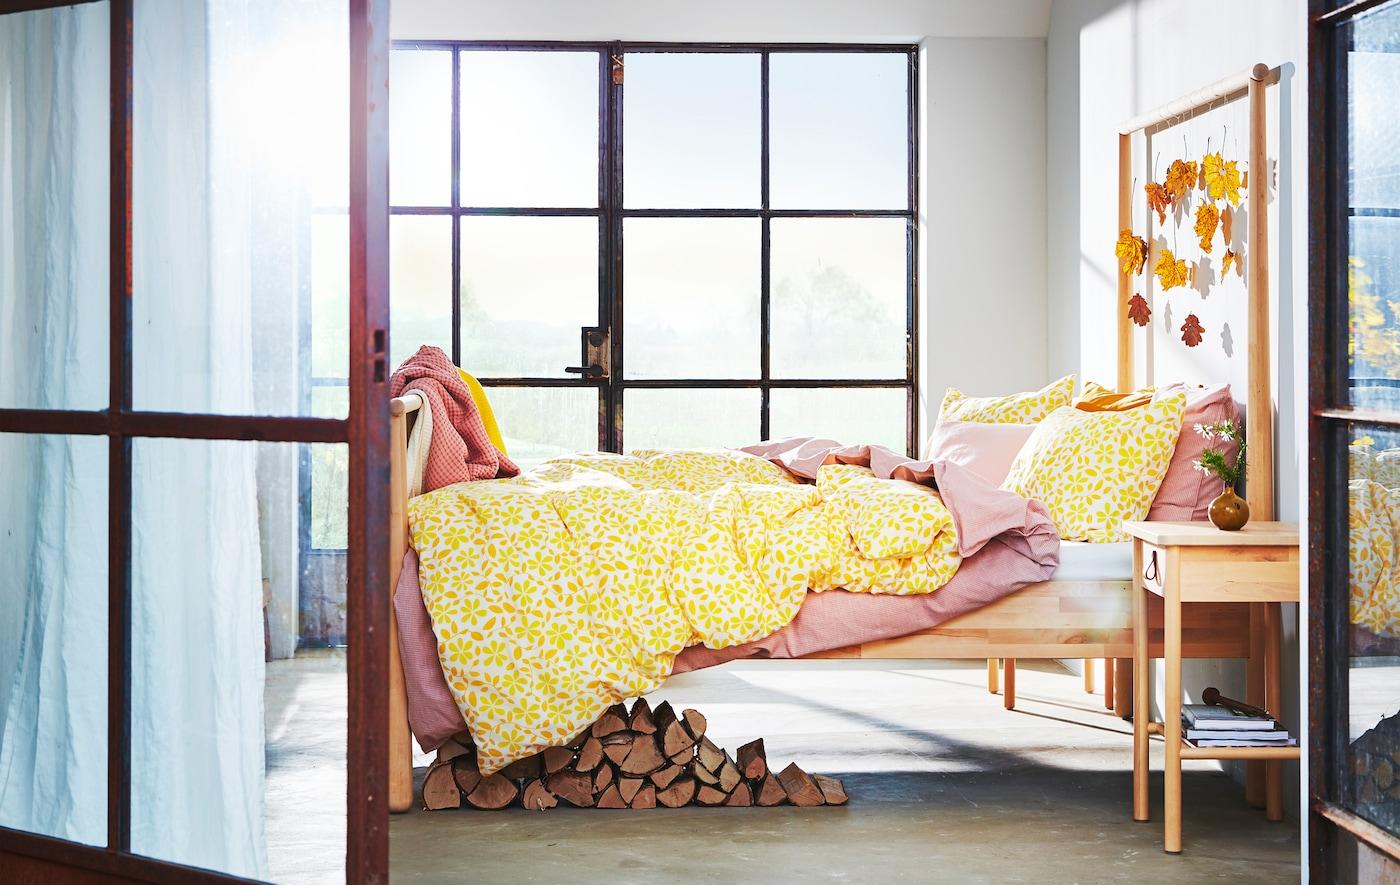 Dormitorio con ventanas grandes, hojas con tonos otoñales colgando de la estructura de madera y varias capas de ropa de cama en tonos rosas y amarillos.